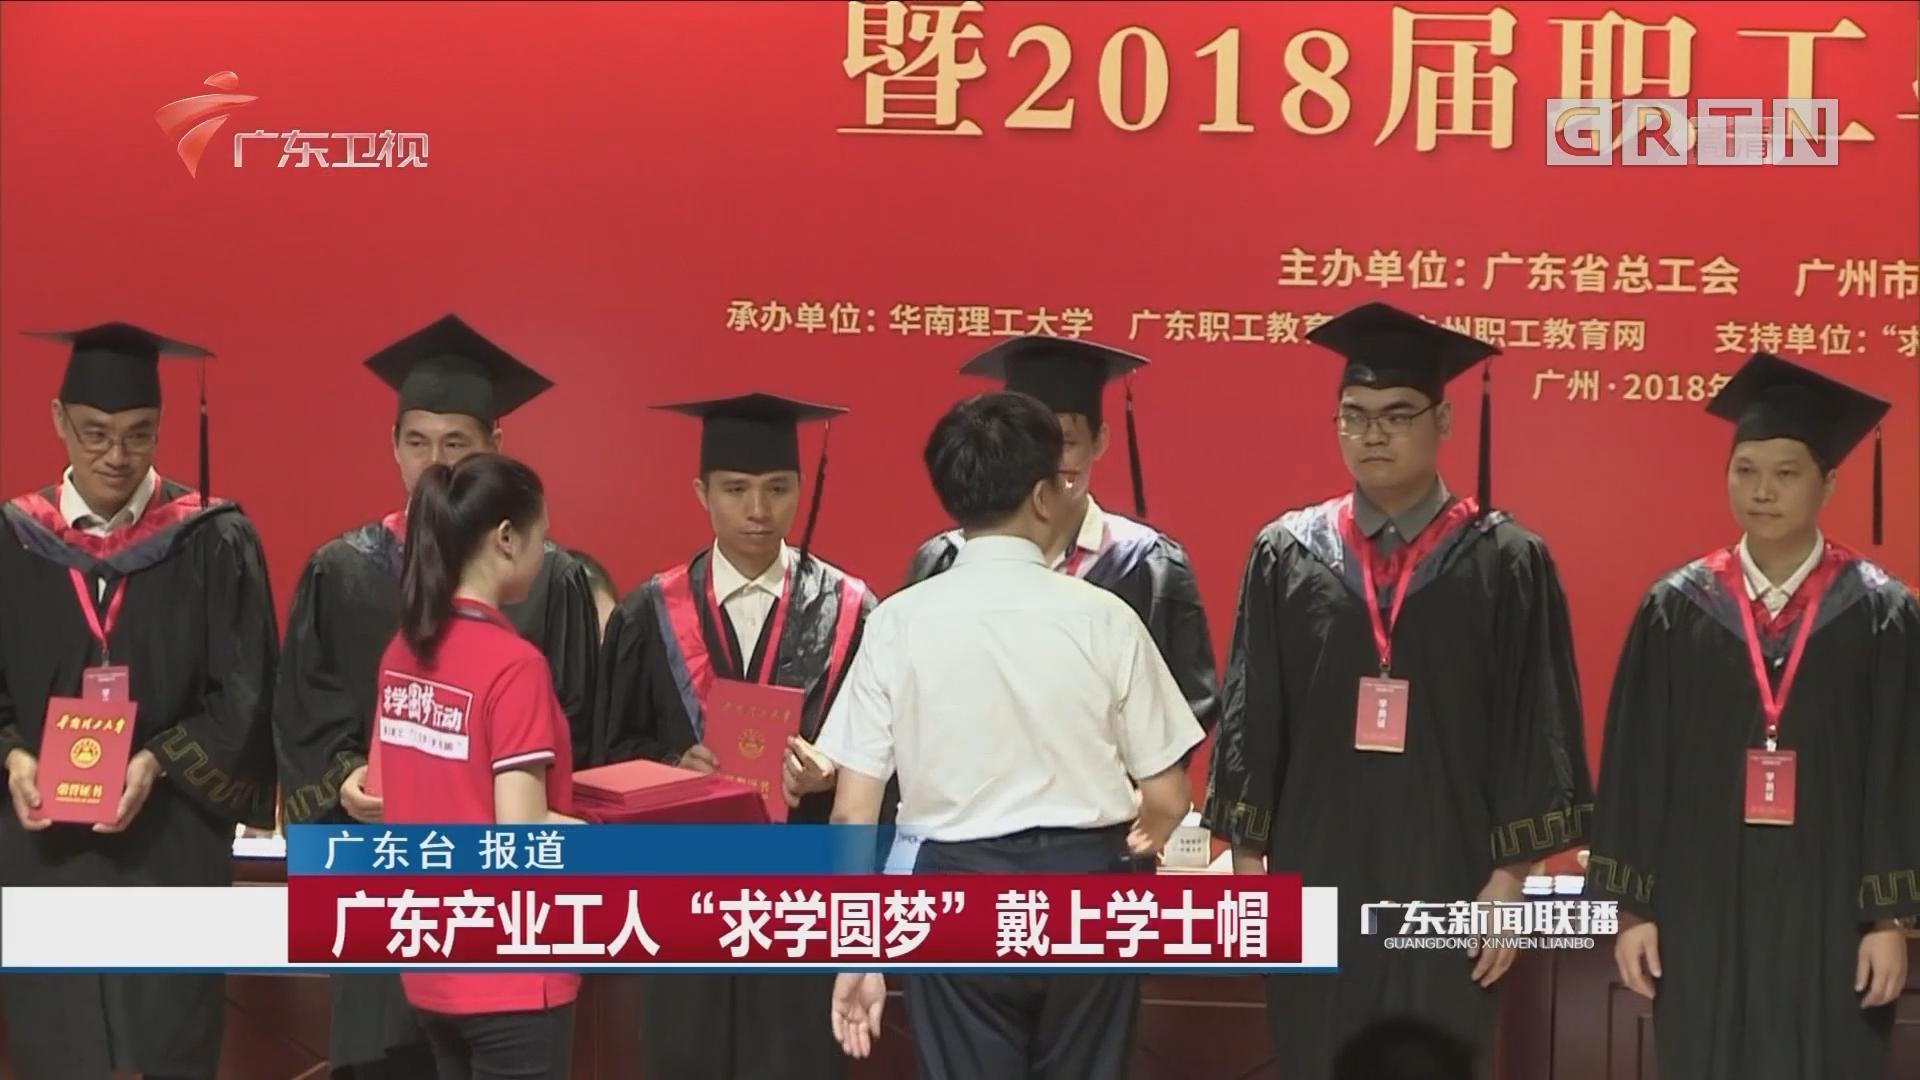 """广东产业工人""""求学圆梦""""戴上学士帽"""